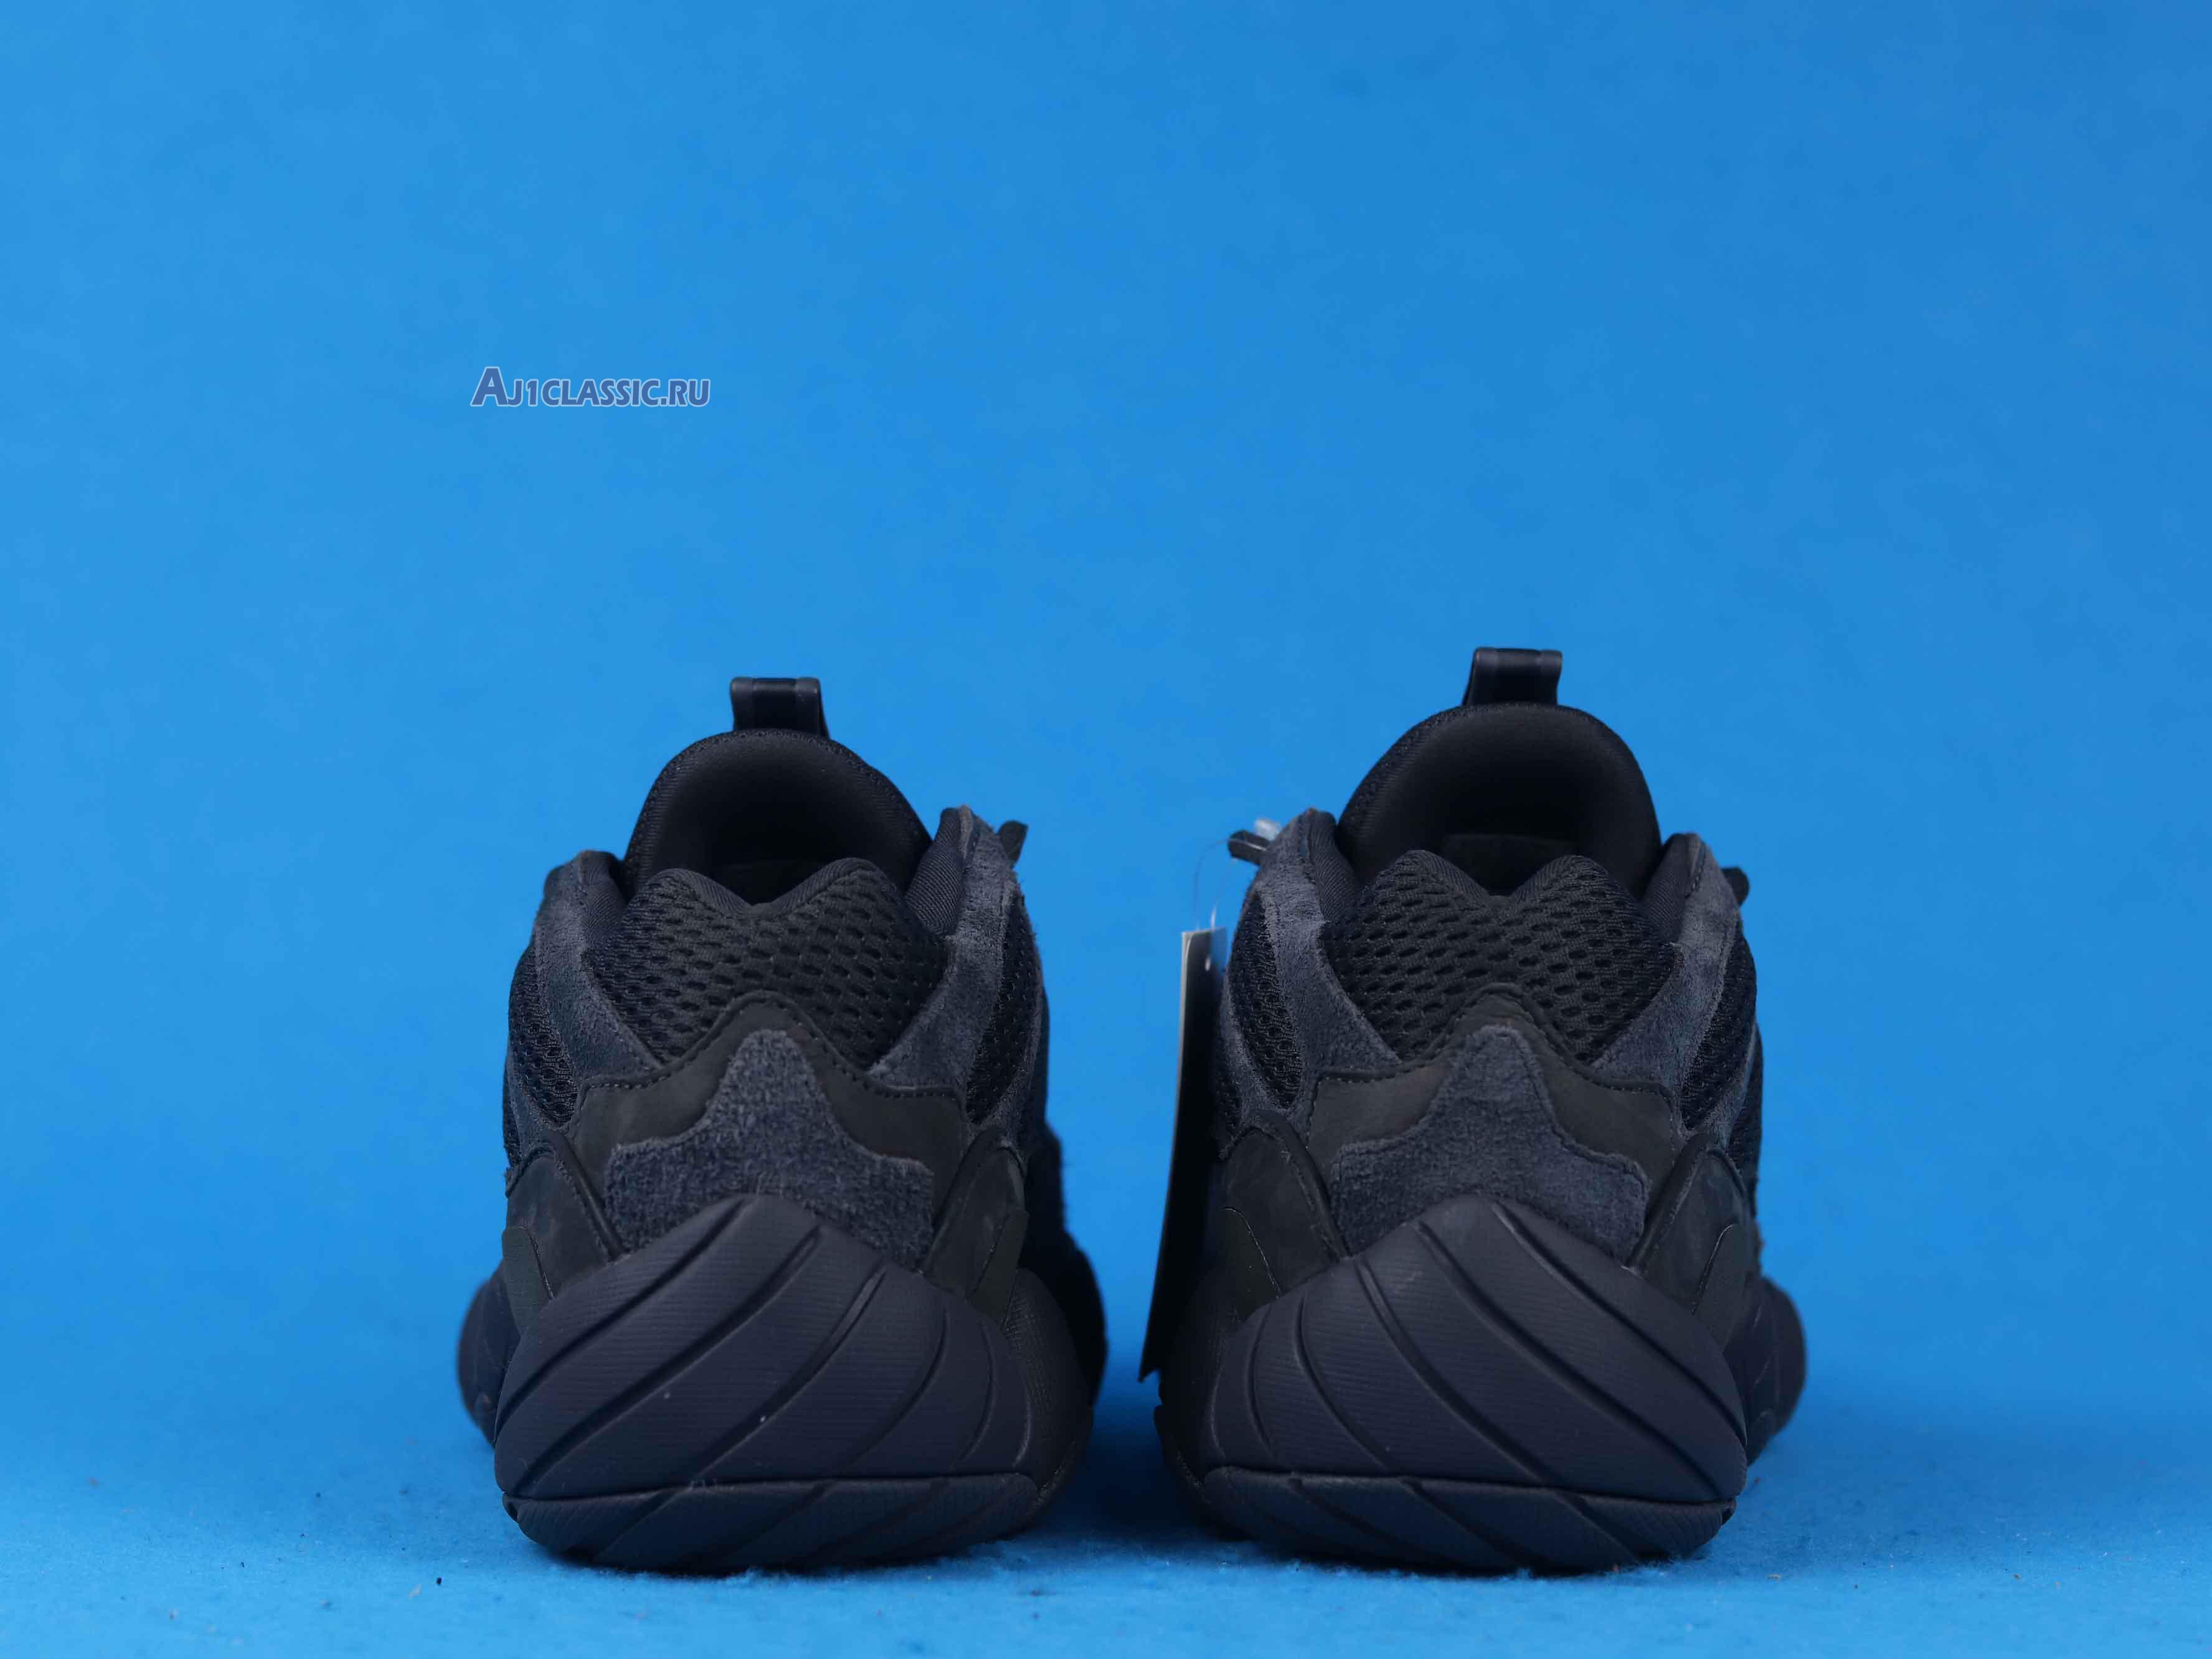 """Adias Yeezy 500 """"Utility Black"""" F36640"""